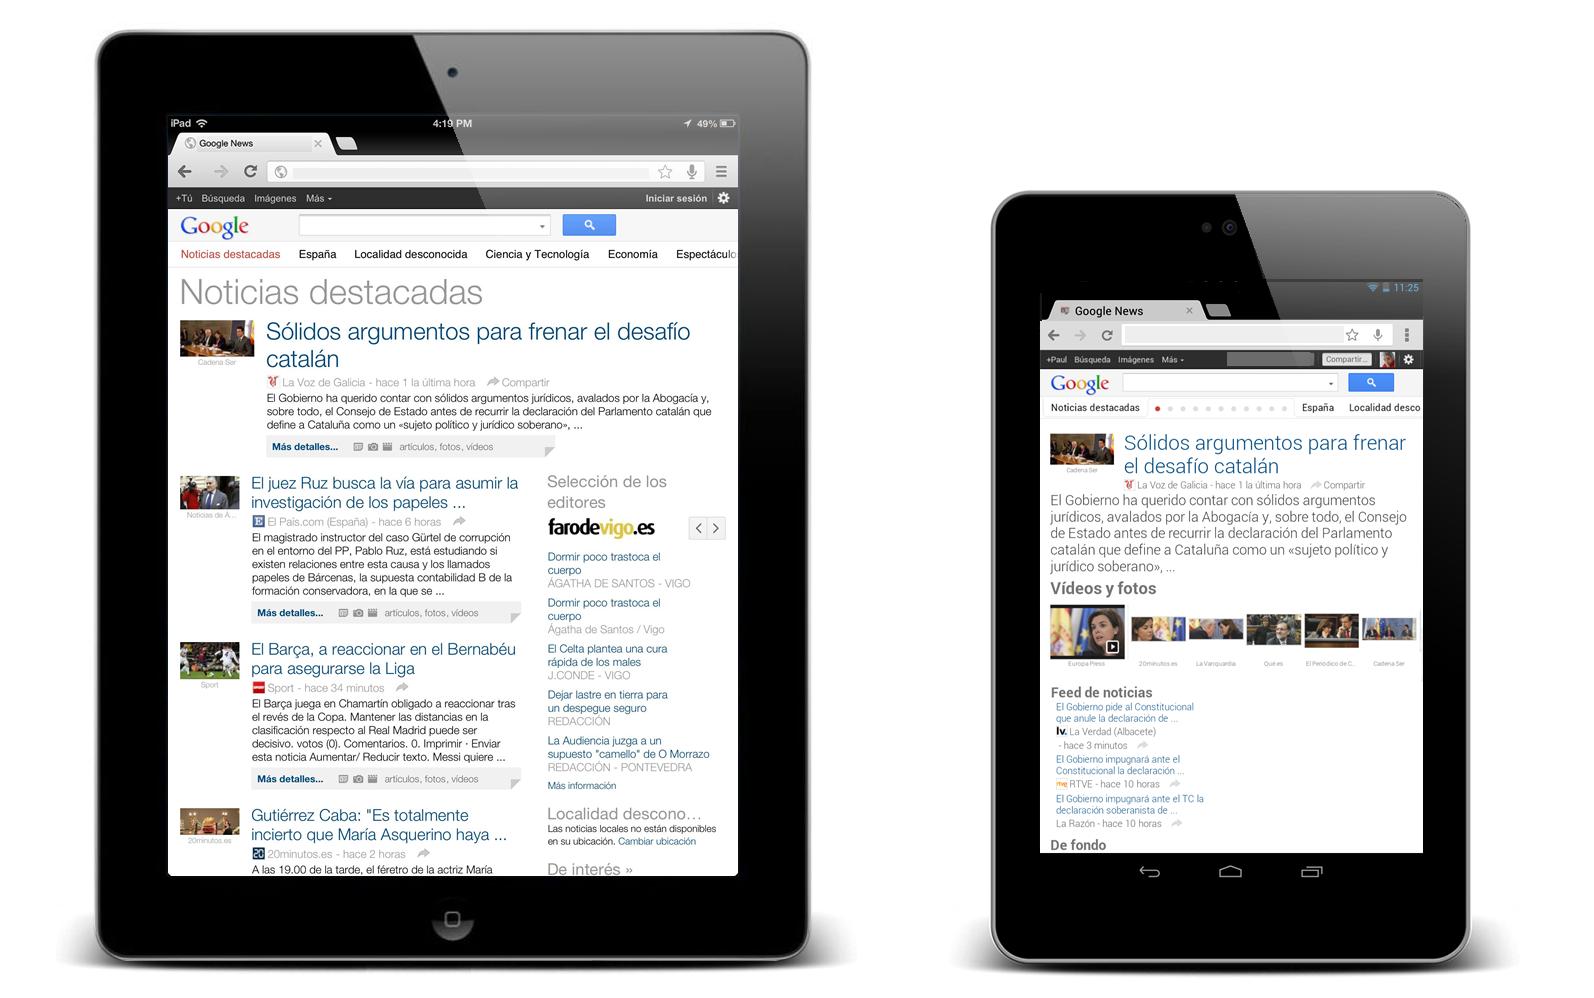 Esto es Google: Una mejor experiencia de Google News en las tablets